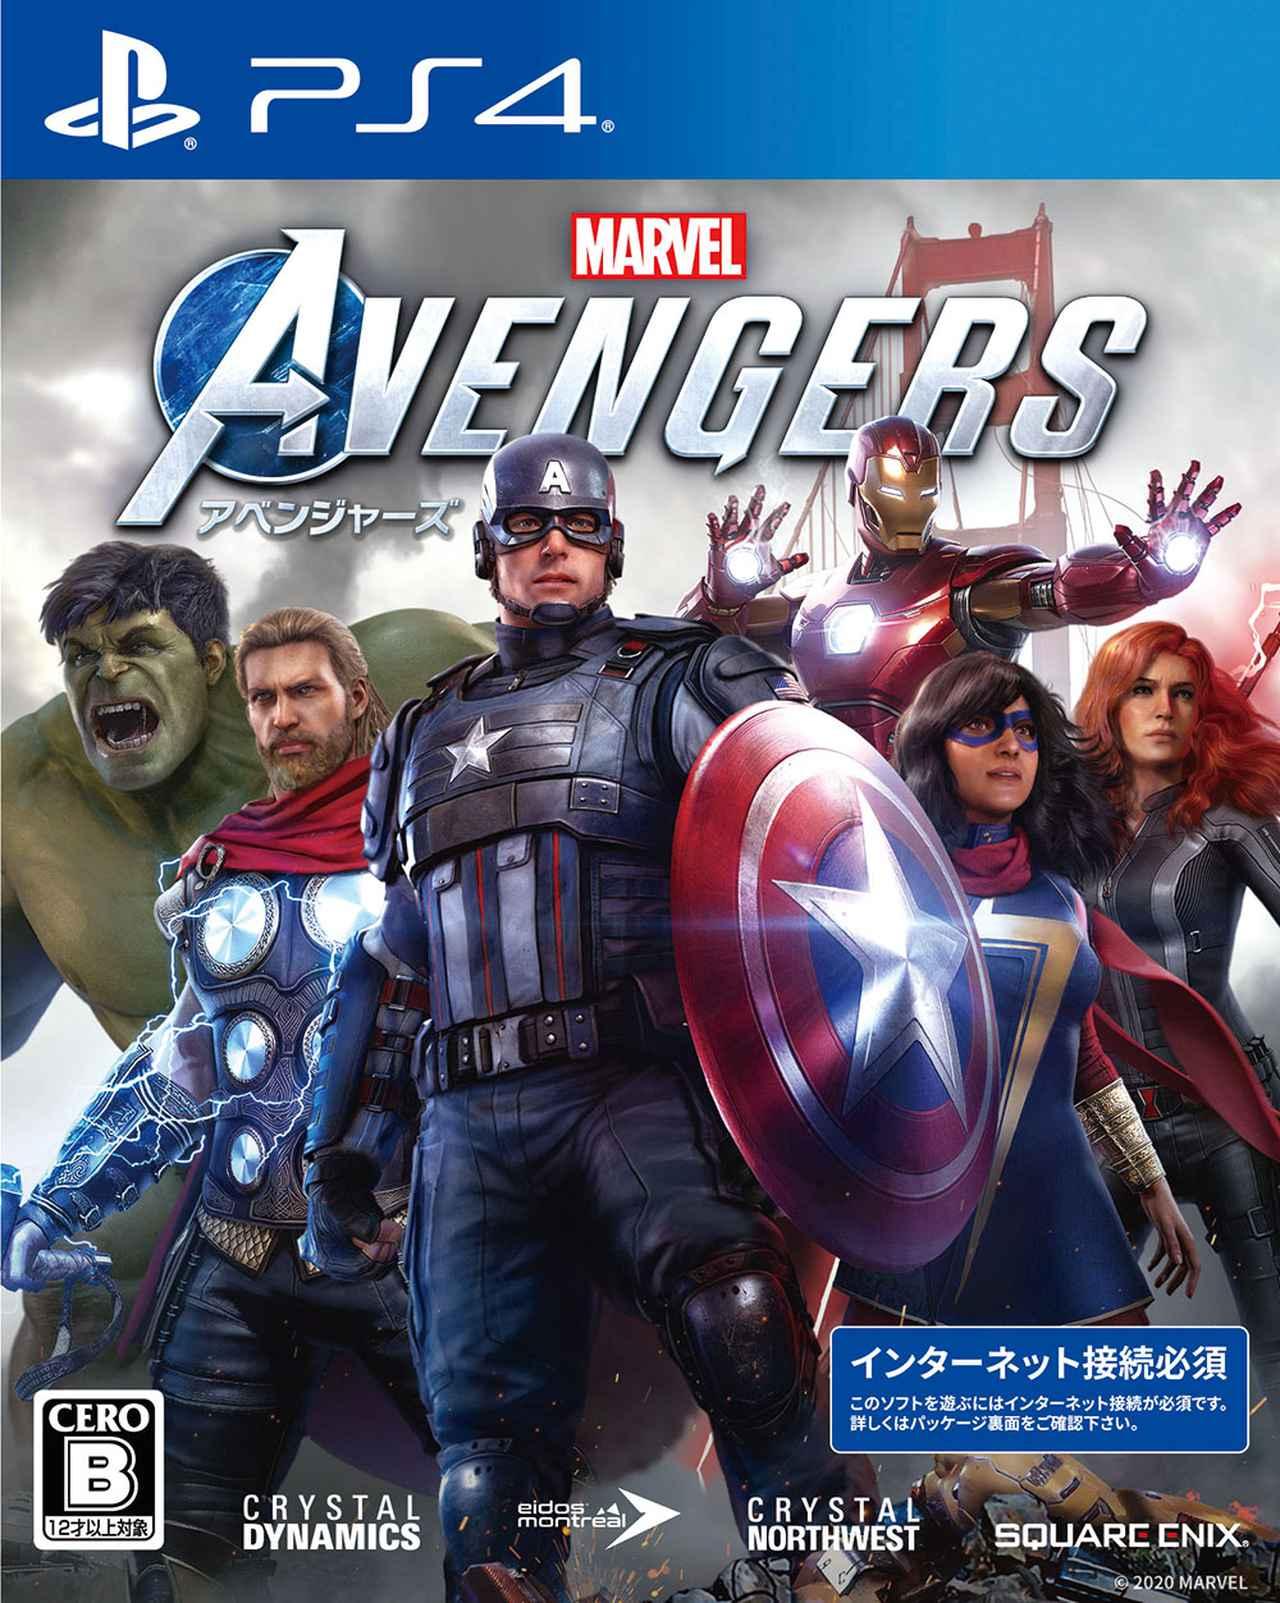 画像2: 【MCUファン必見】PS4ソフト「Marvel's Avengers」で無敵のアベンジャーズ体験